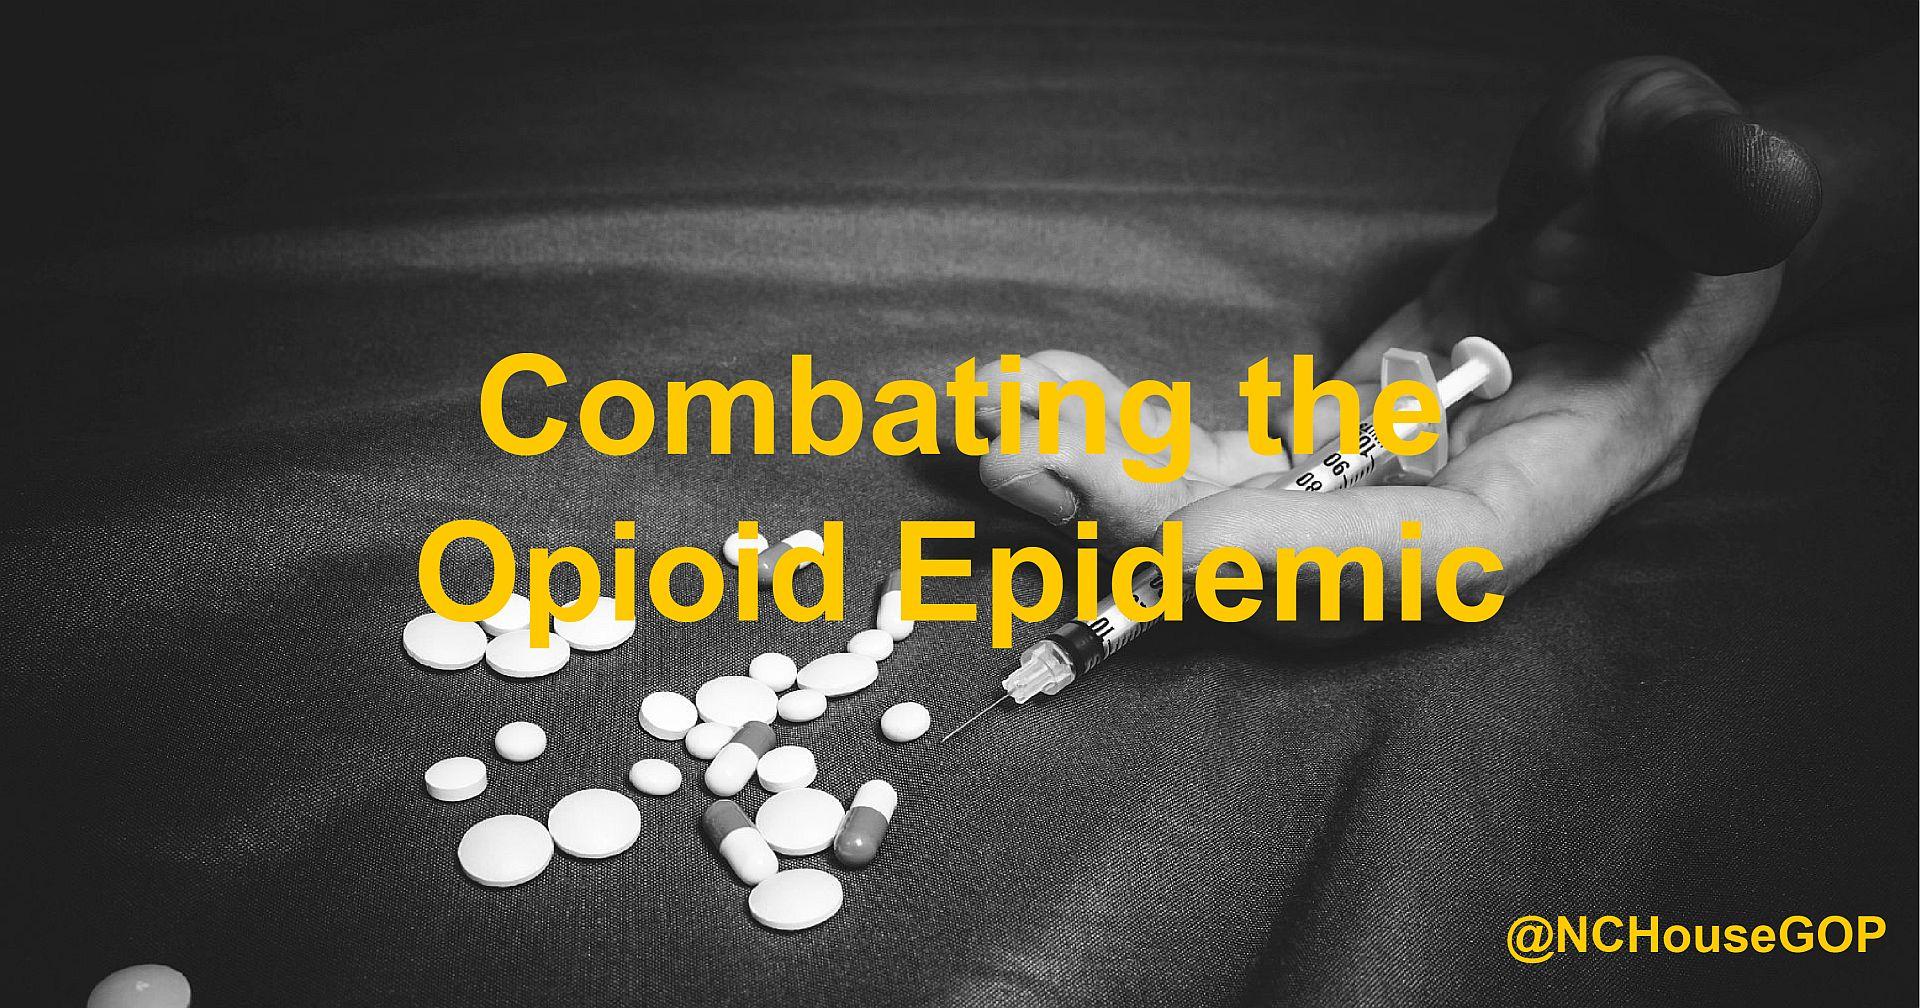 combating_opioids.jpg